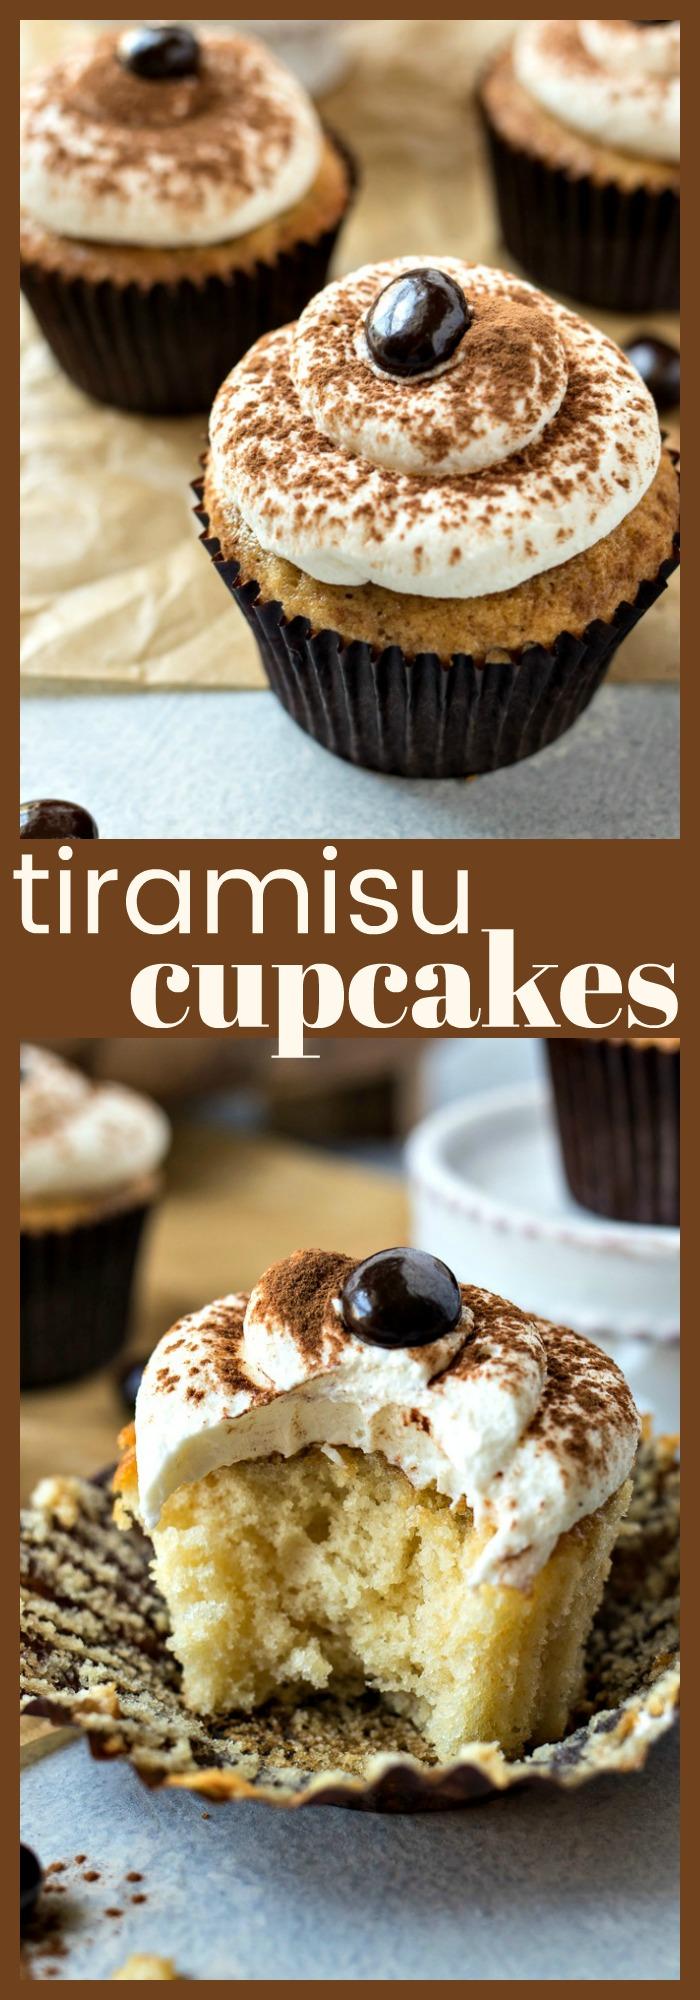 Tiramisu Cupcakes - CPA: Certified Pastry Aficionado